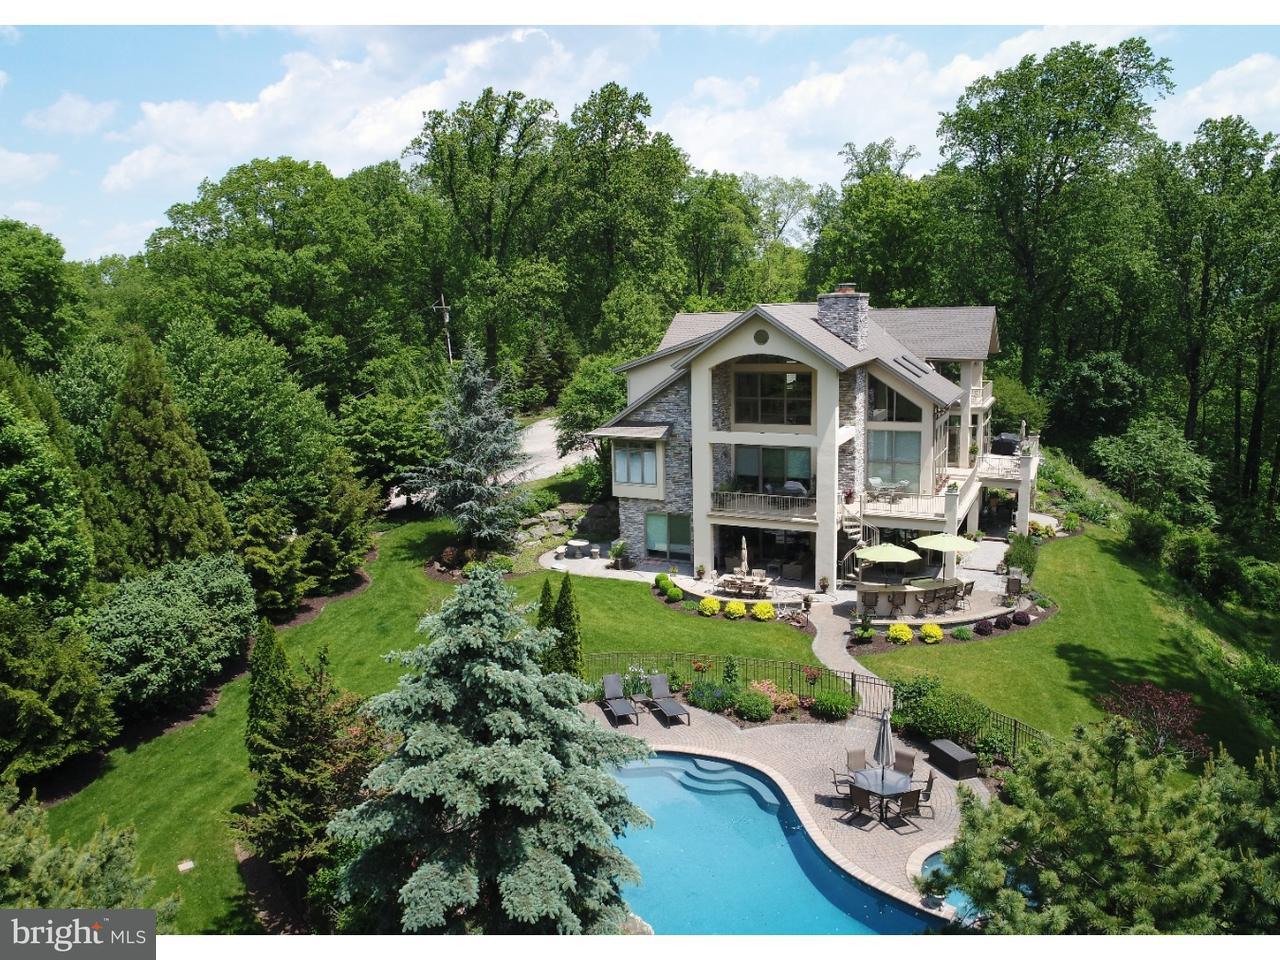 단독 가정 주택 용 매매 에 601 PAXINOSA RD E Easton, 펜실바니아 18040 미국에서/약: Forks Township